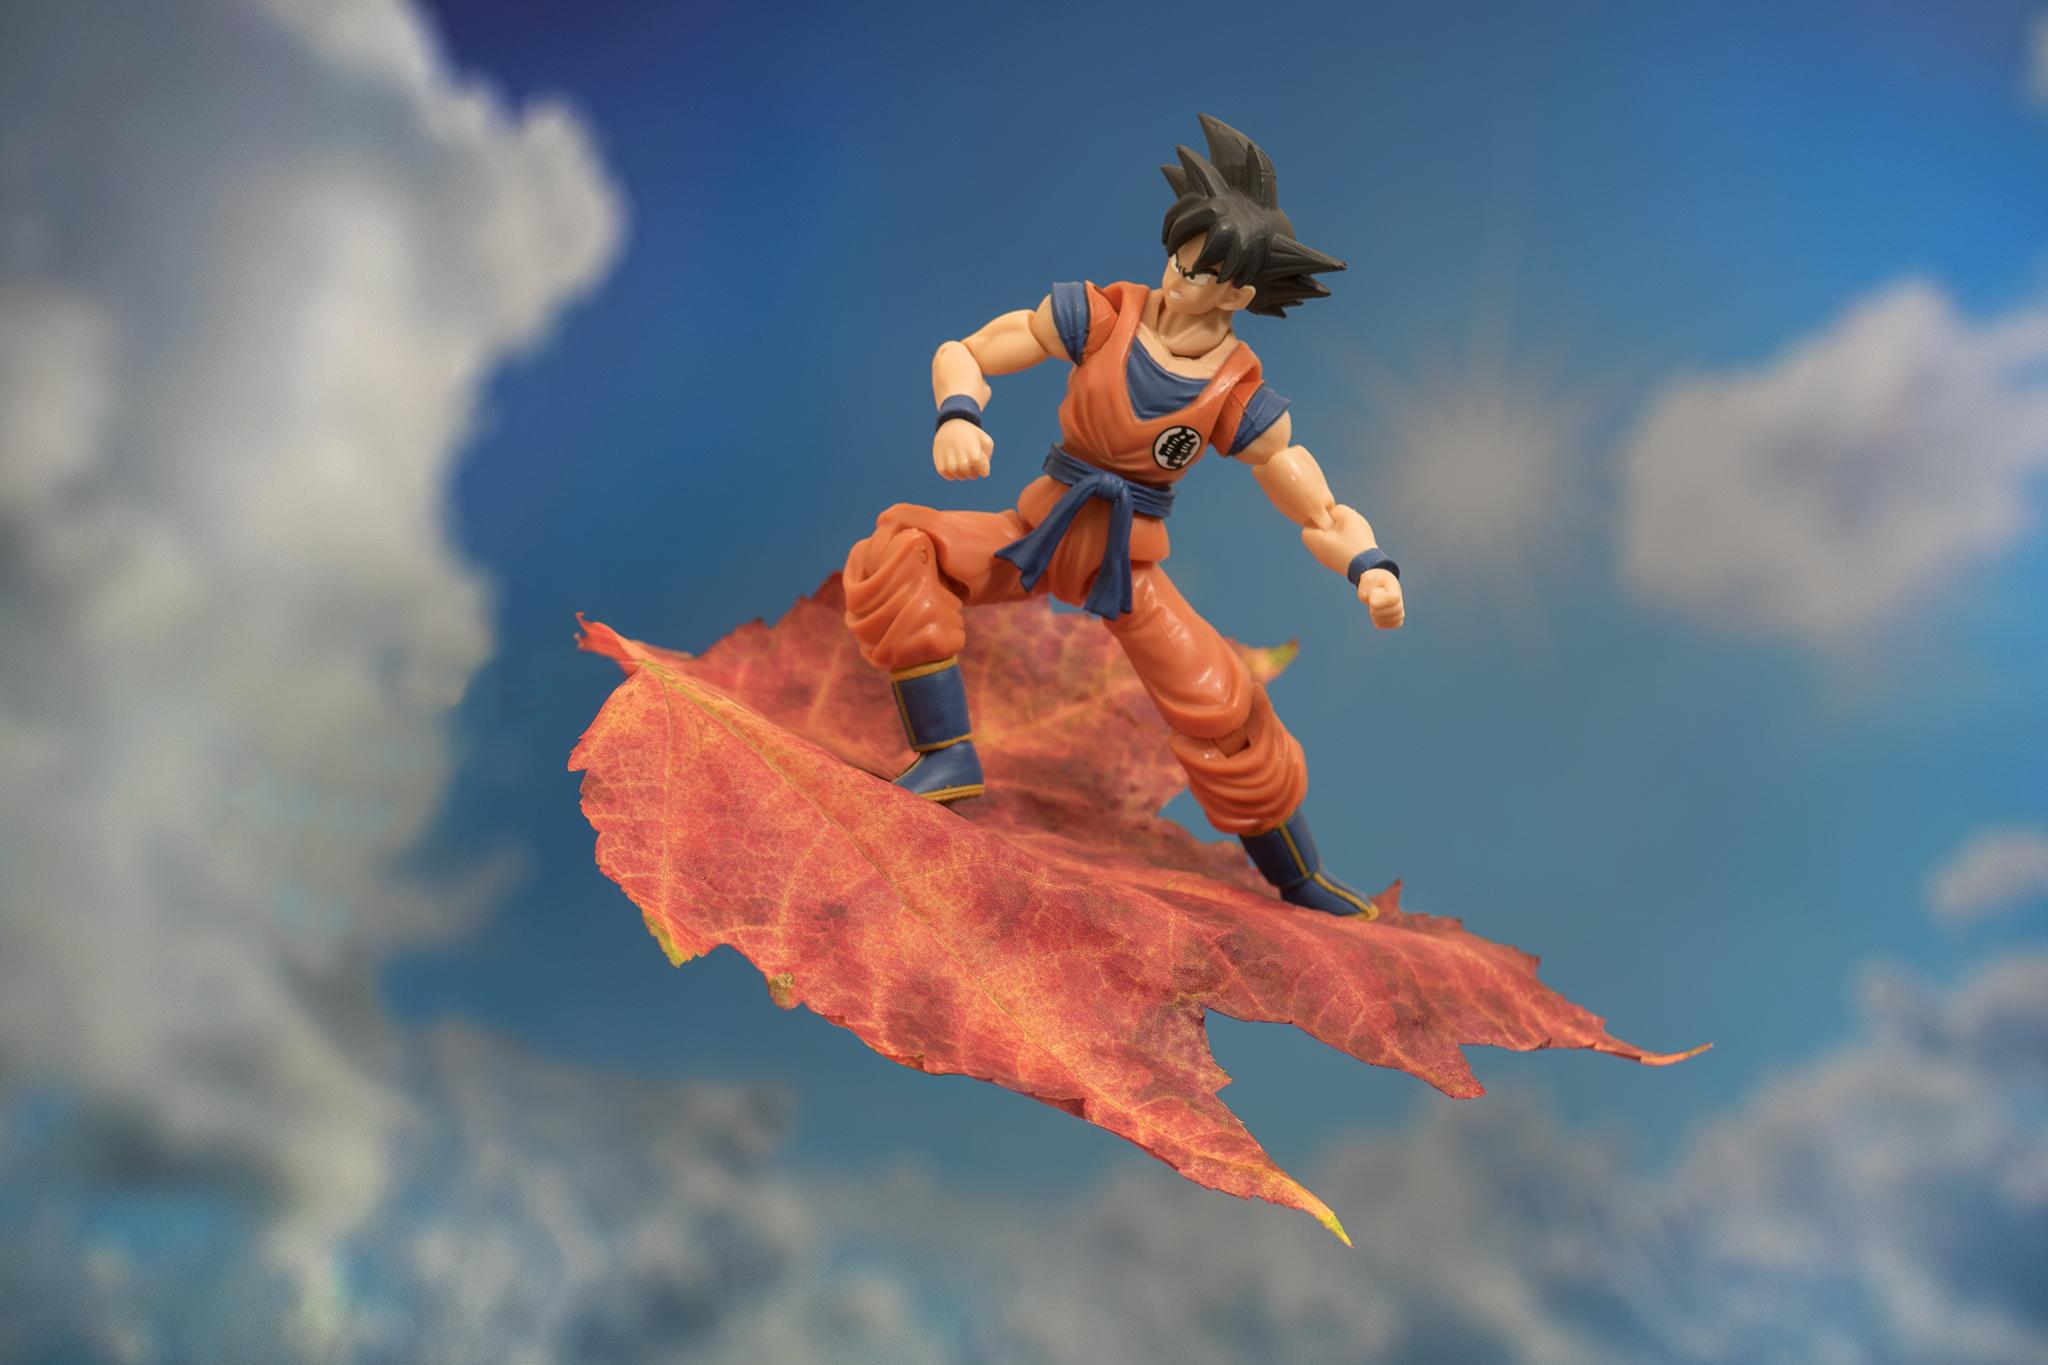 Goku flying into fall